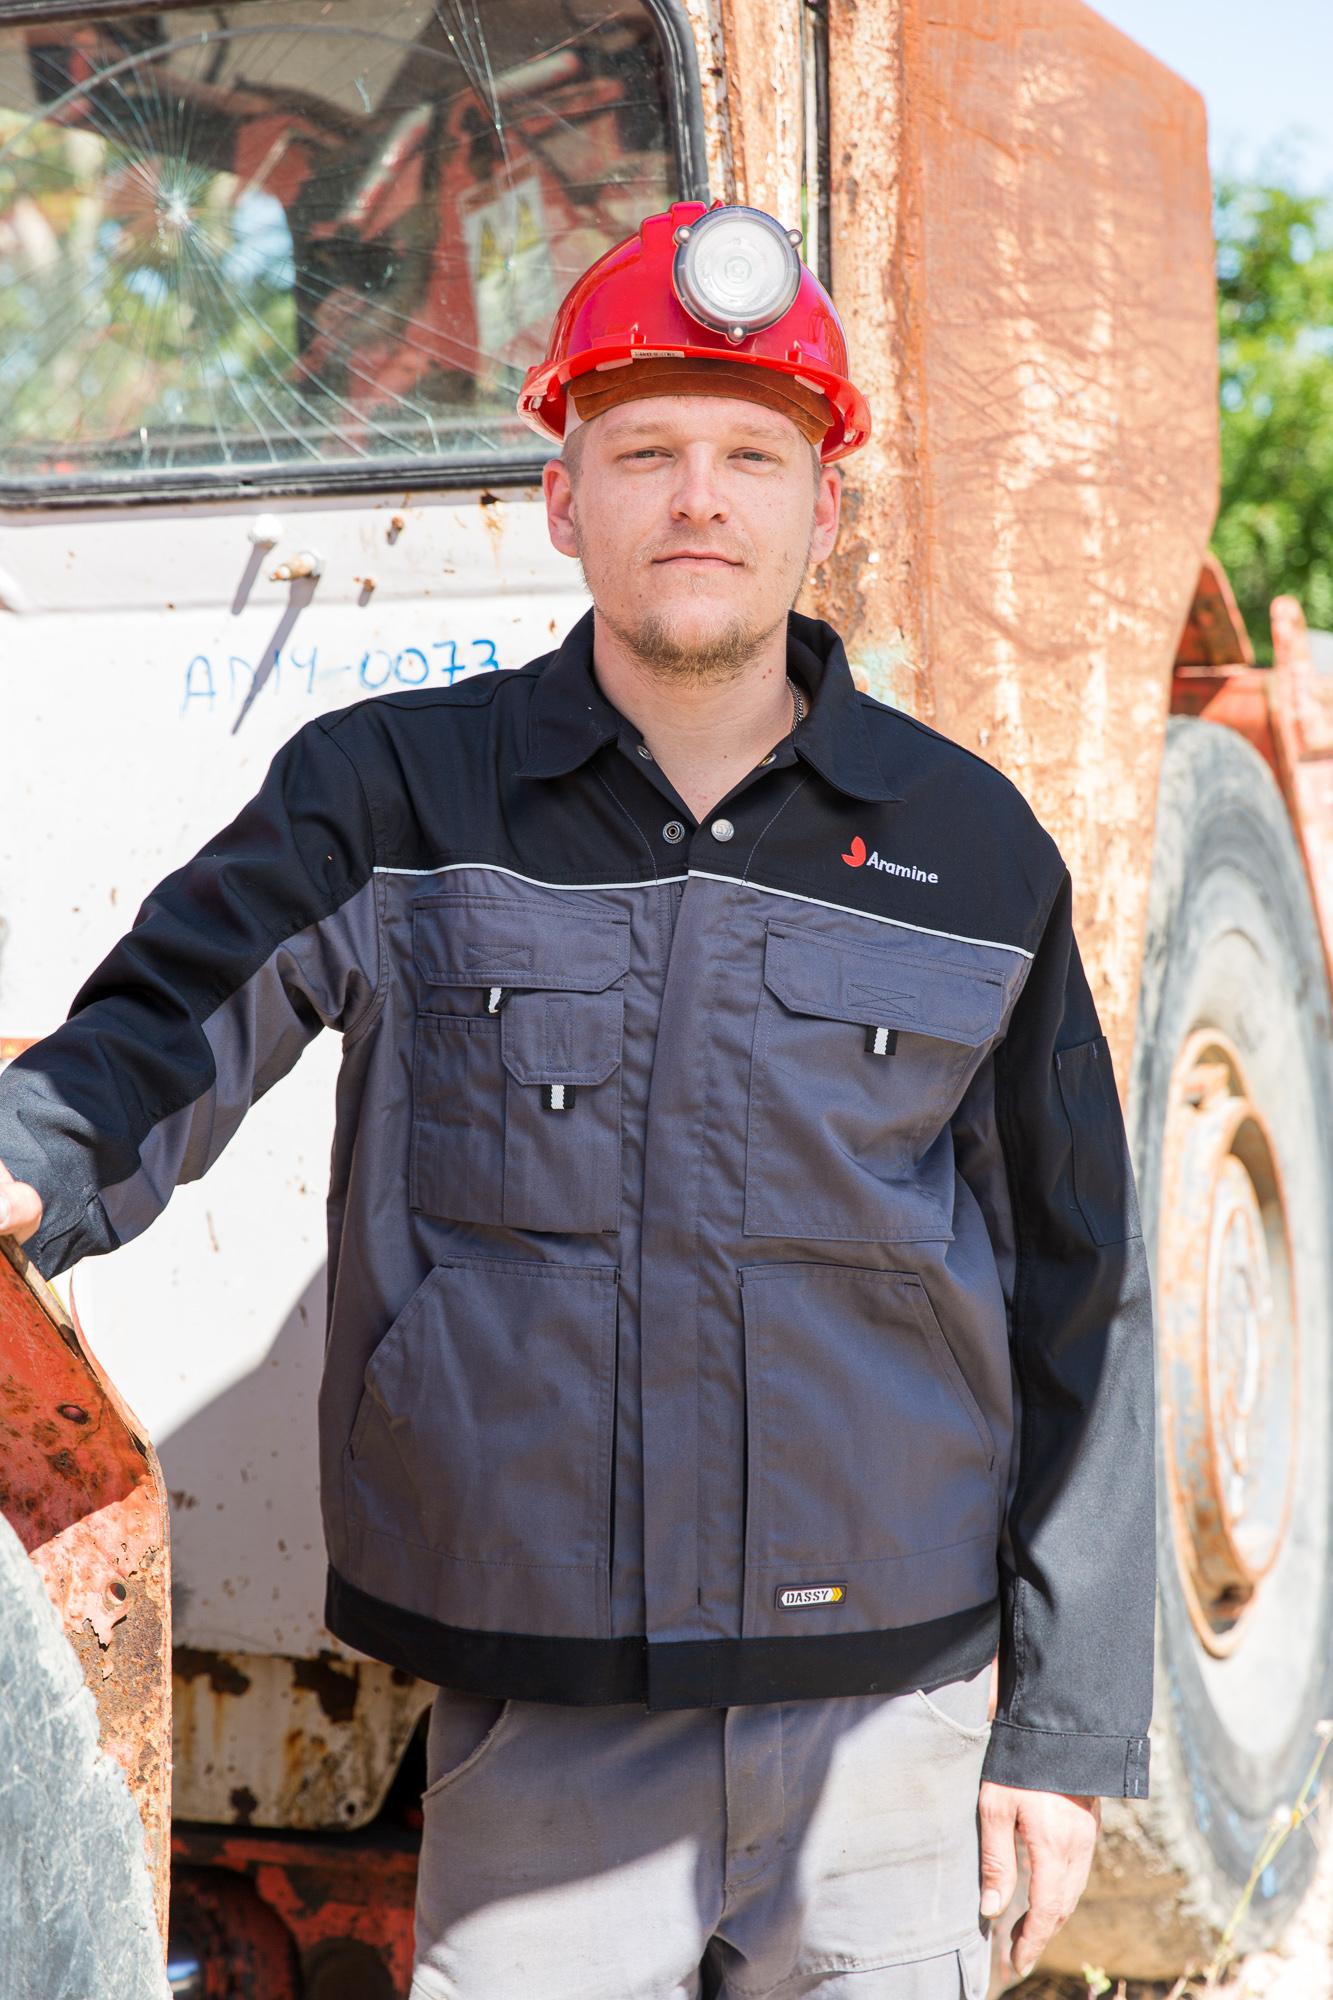 Un employé de l'entreprise Aramine devant un véhicule à reconditionné